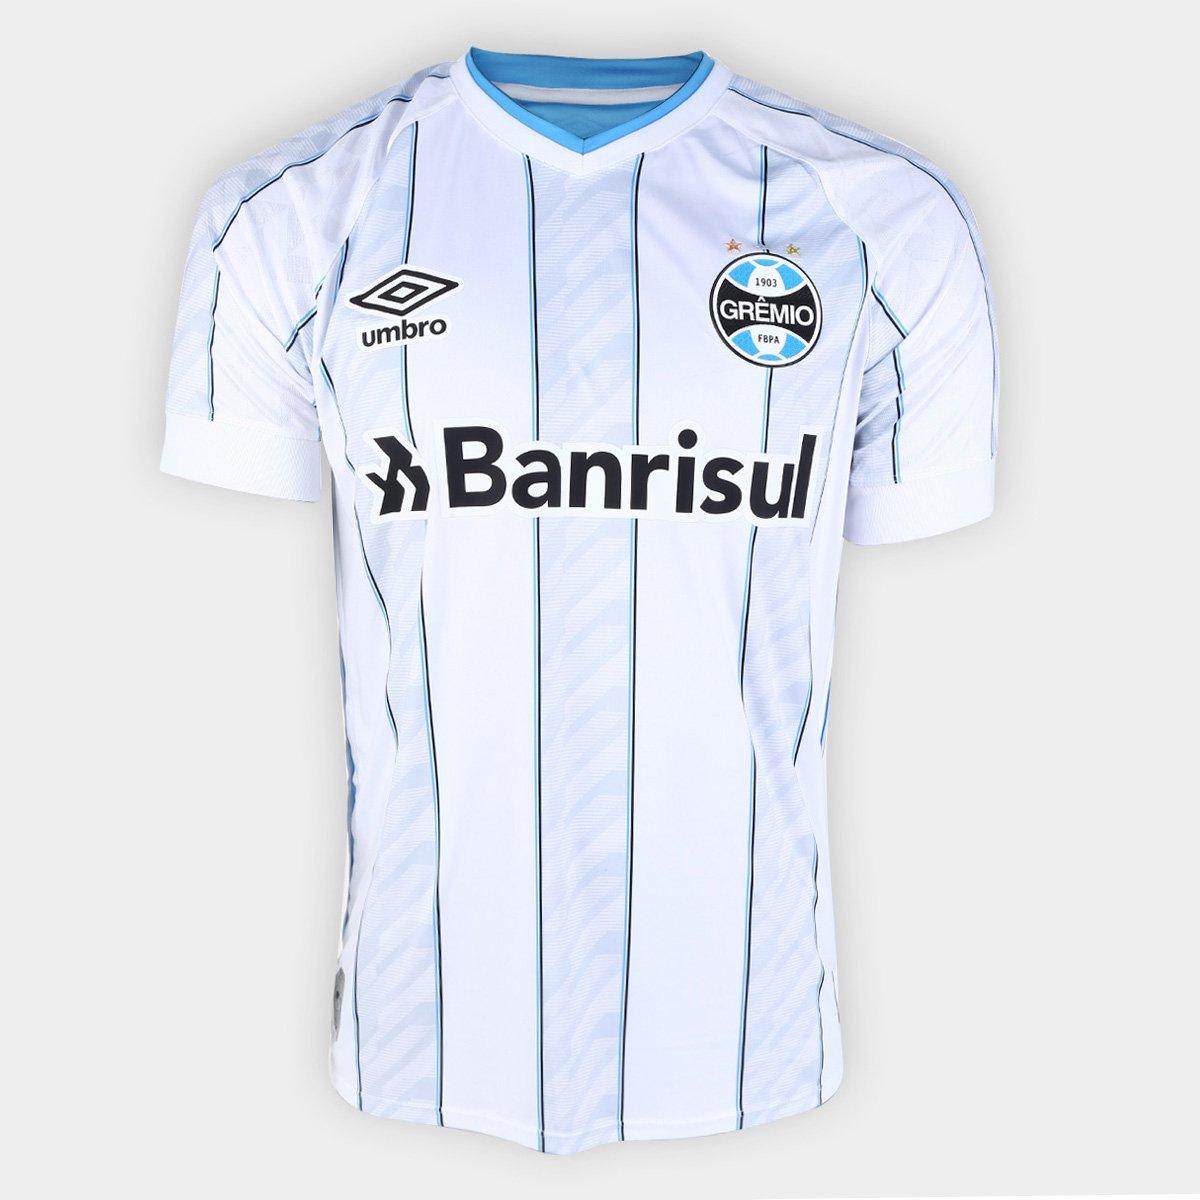 Camisa Grêmio II 20/21 s/n° Torcedor Umbro Masculina